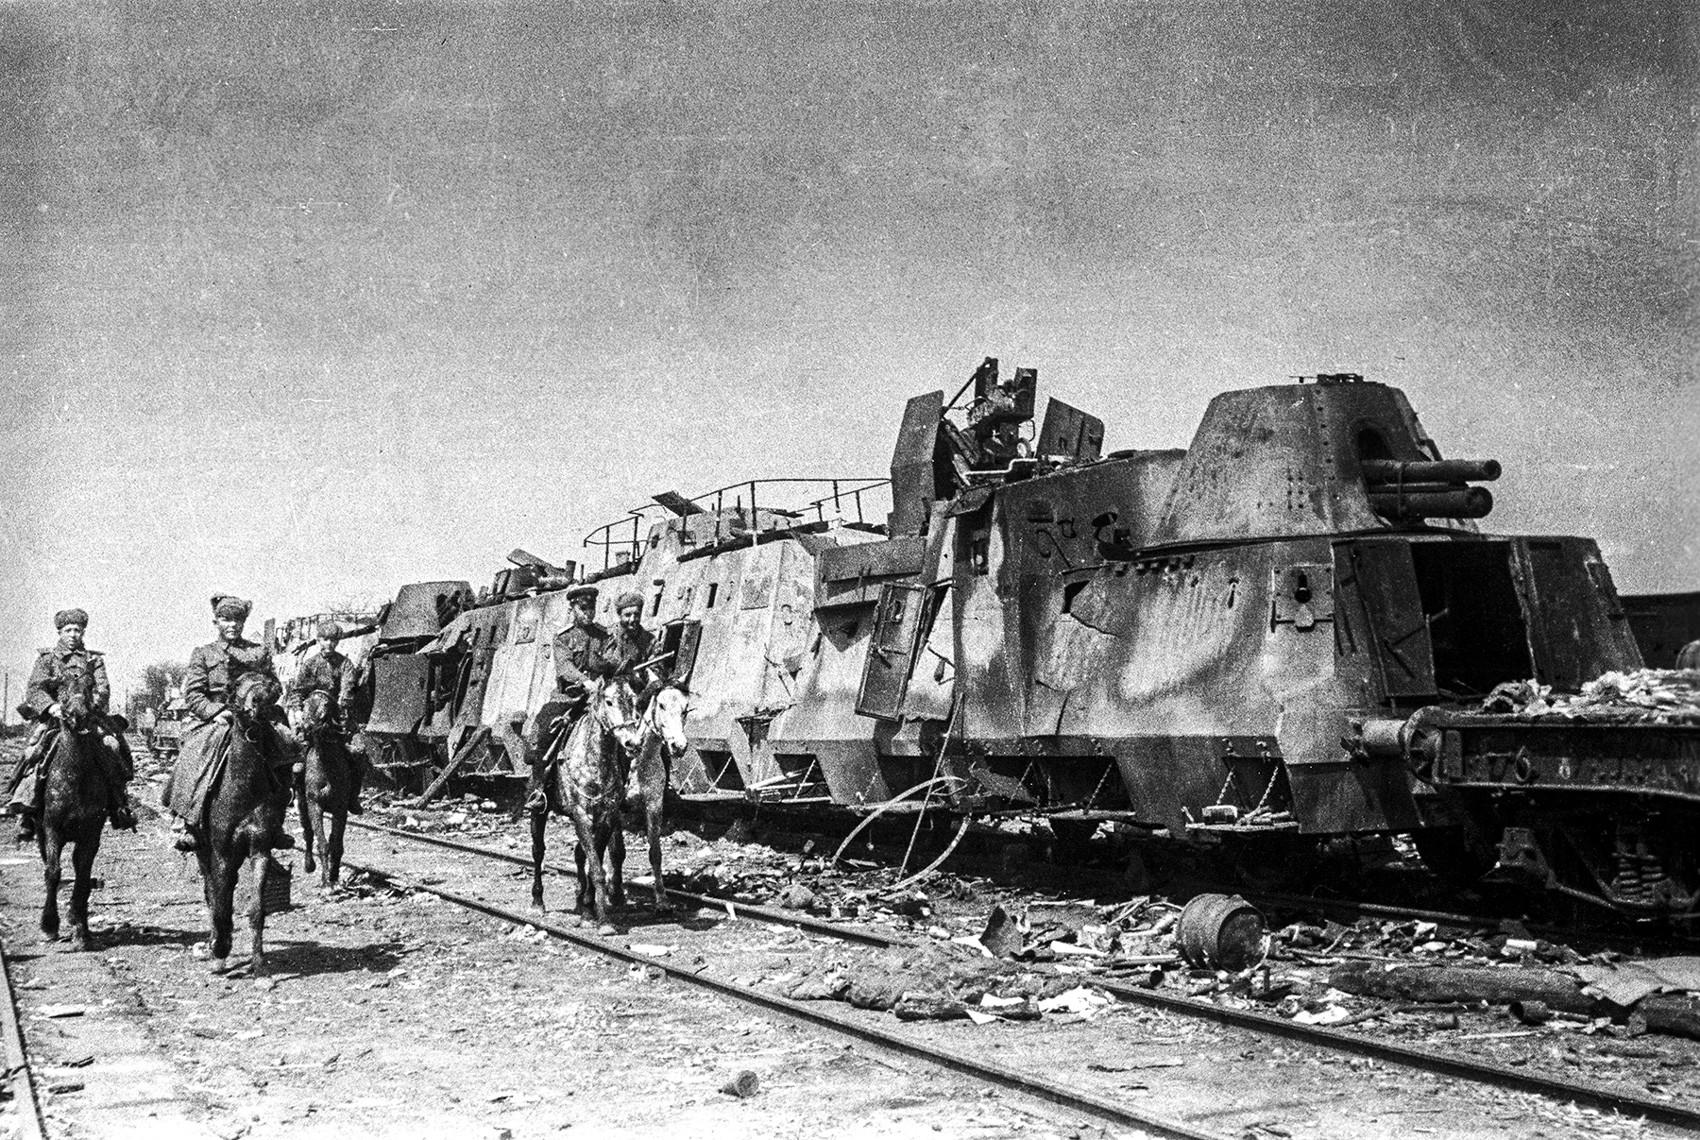 Kozaki generala Plijeva zasegli nemški vojaški vlak, postaja Razdelnaja, 3. ukrajinska fronta, april 1943